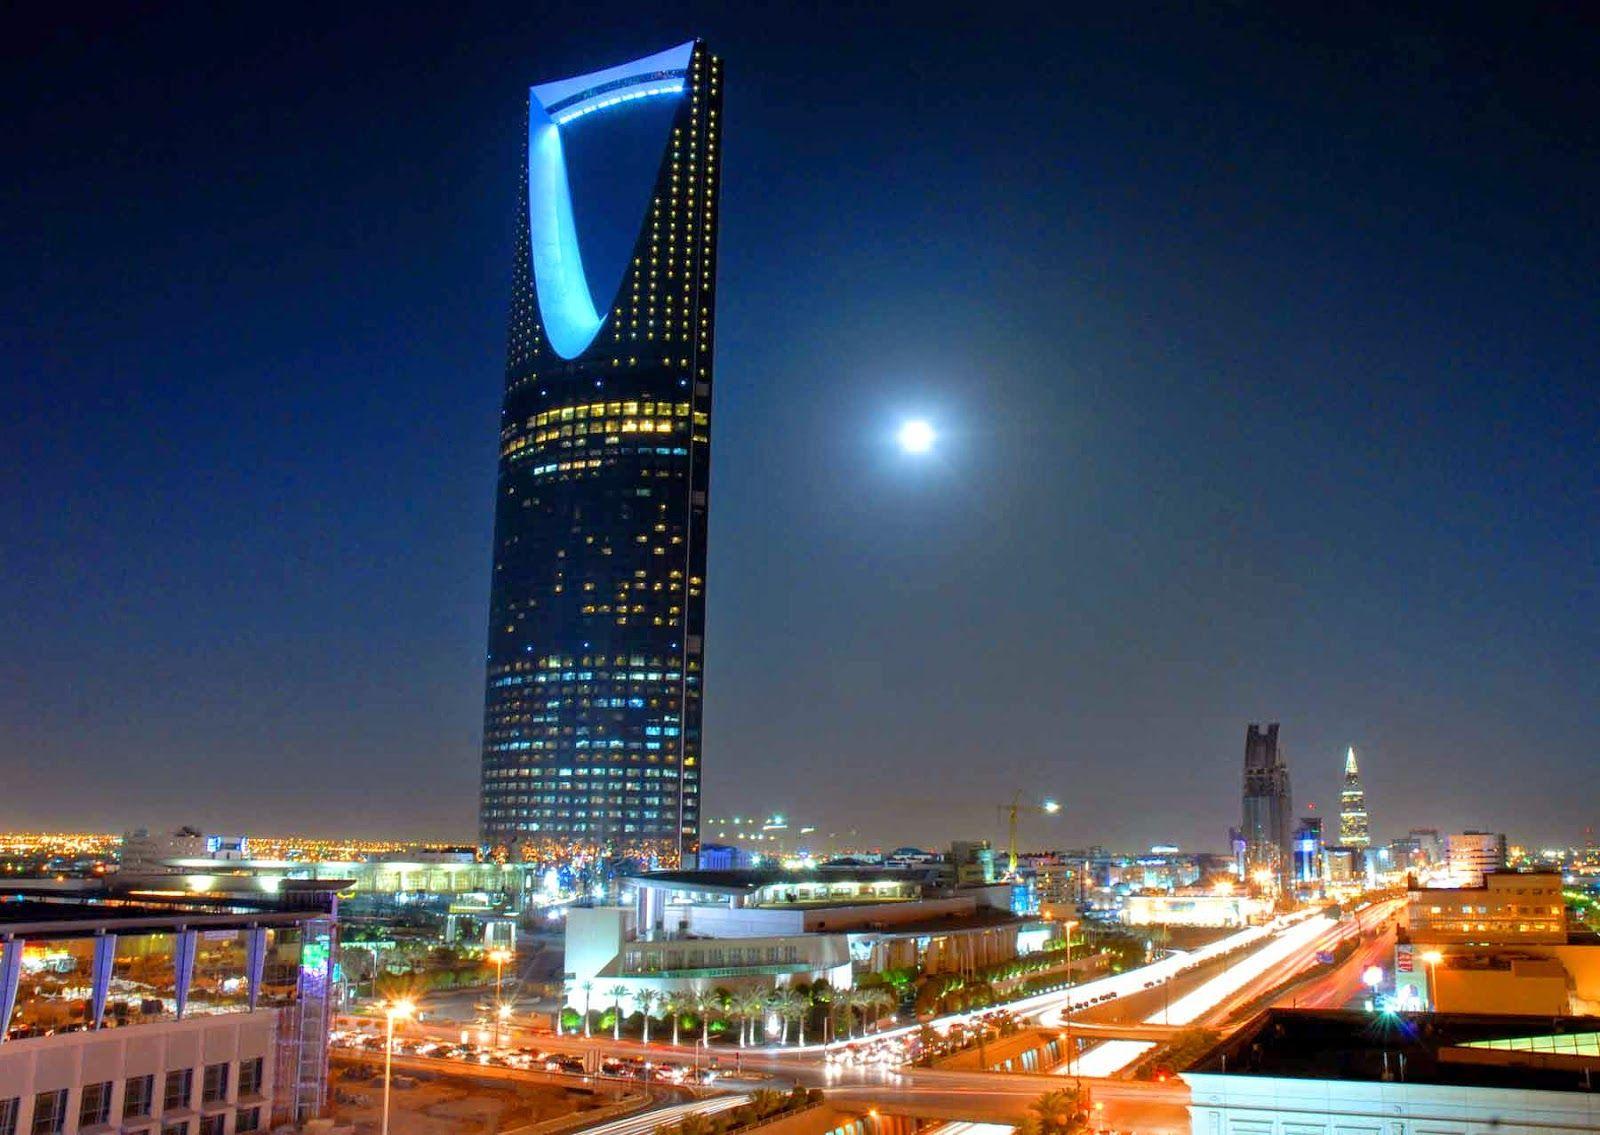 برج المملكة في الرياض المملكة العربية السعودية Building Skyscraper Landmarks